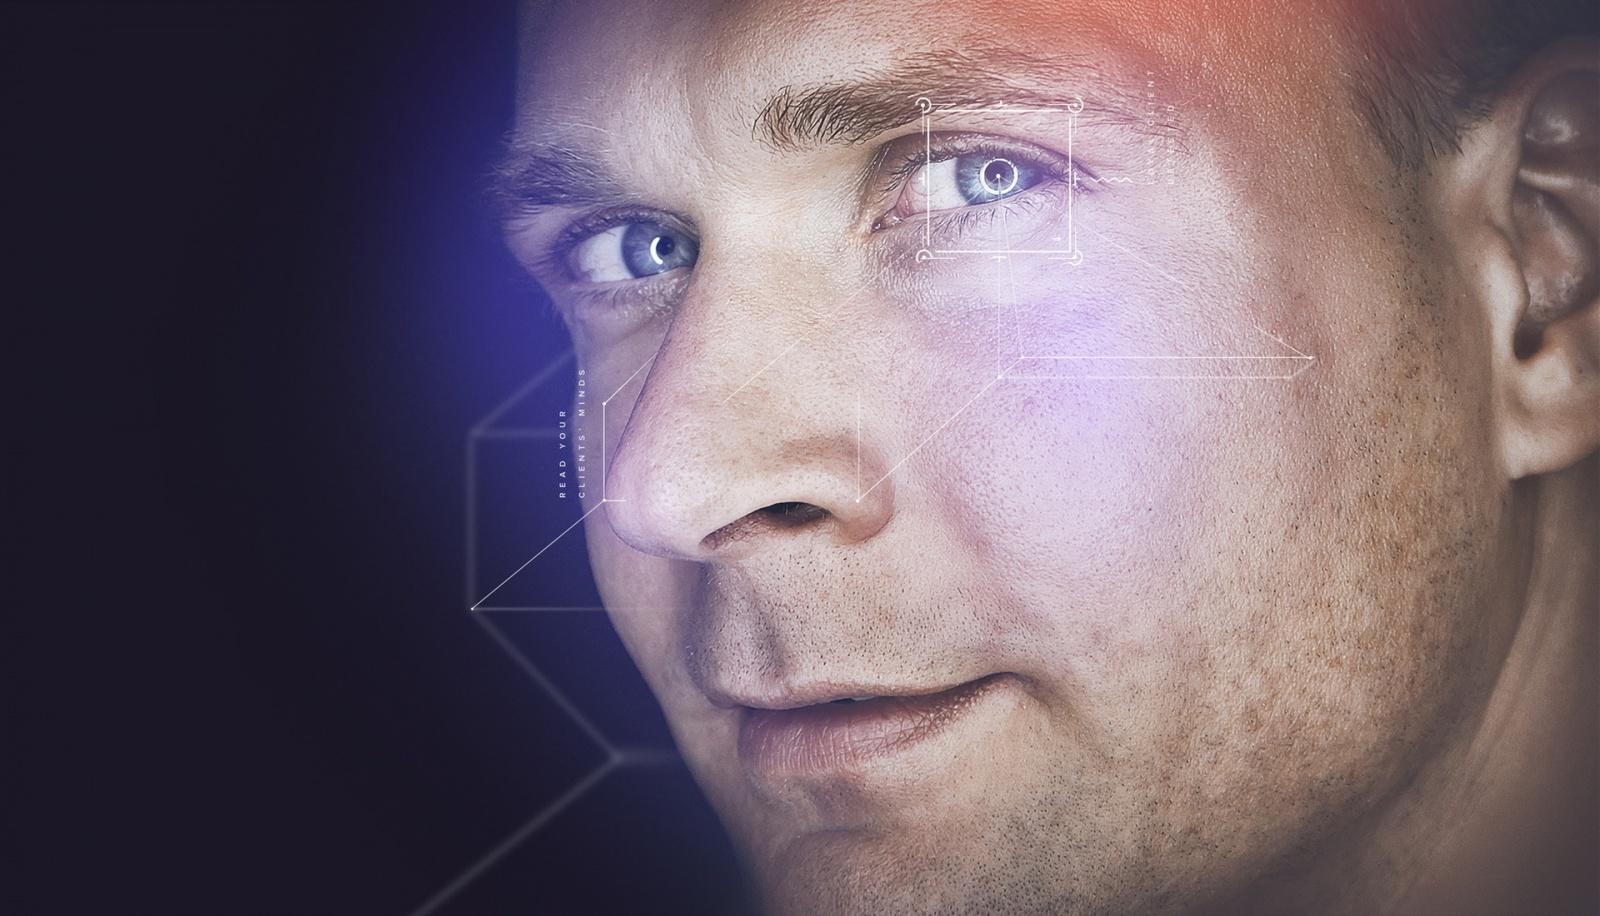 Биометрия: искусство узнавания. Перспективы биометрических систем на примере платформы Id-Me от компании RecFaces - 1